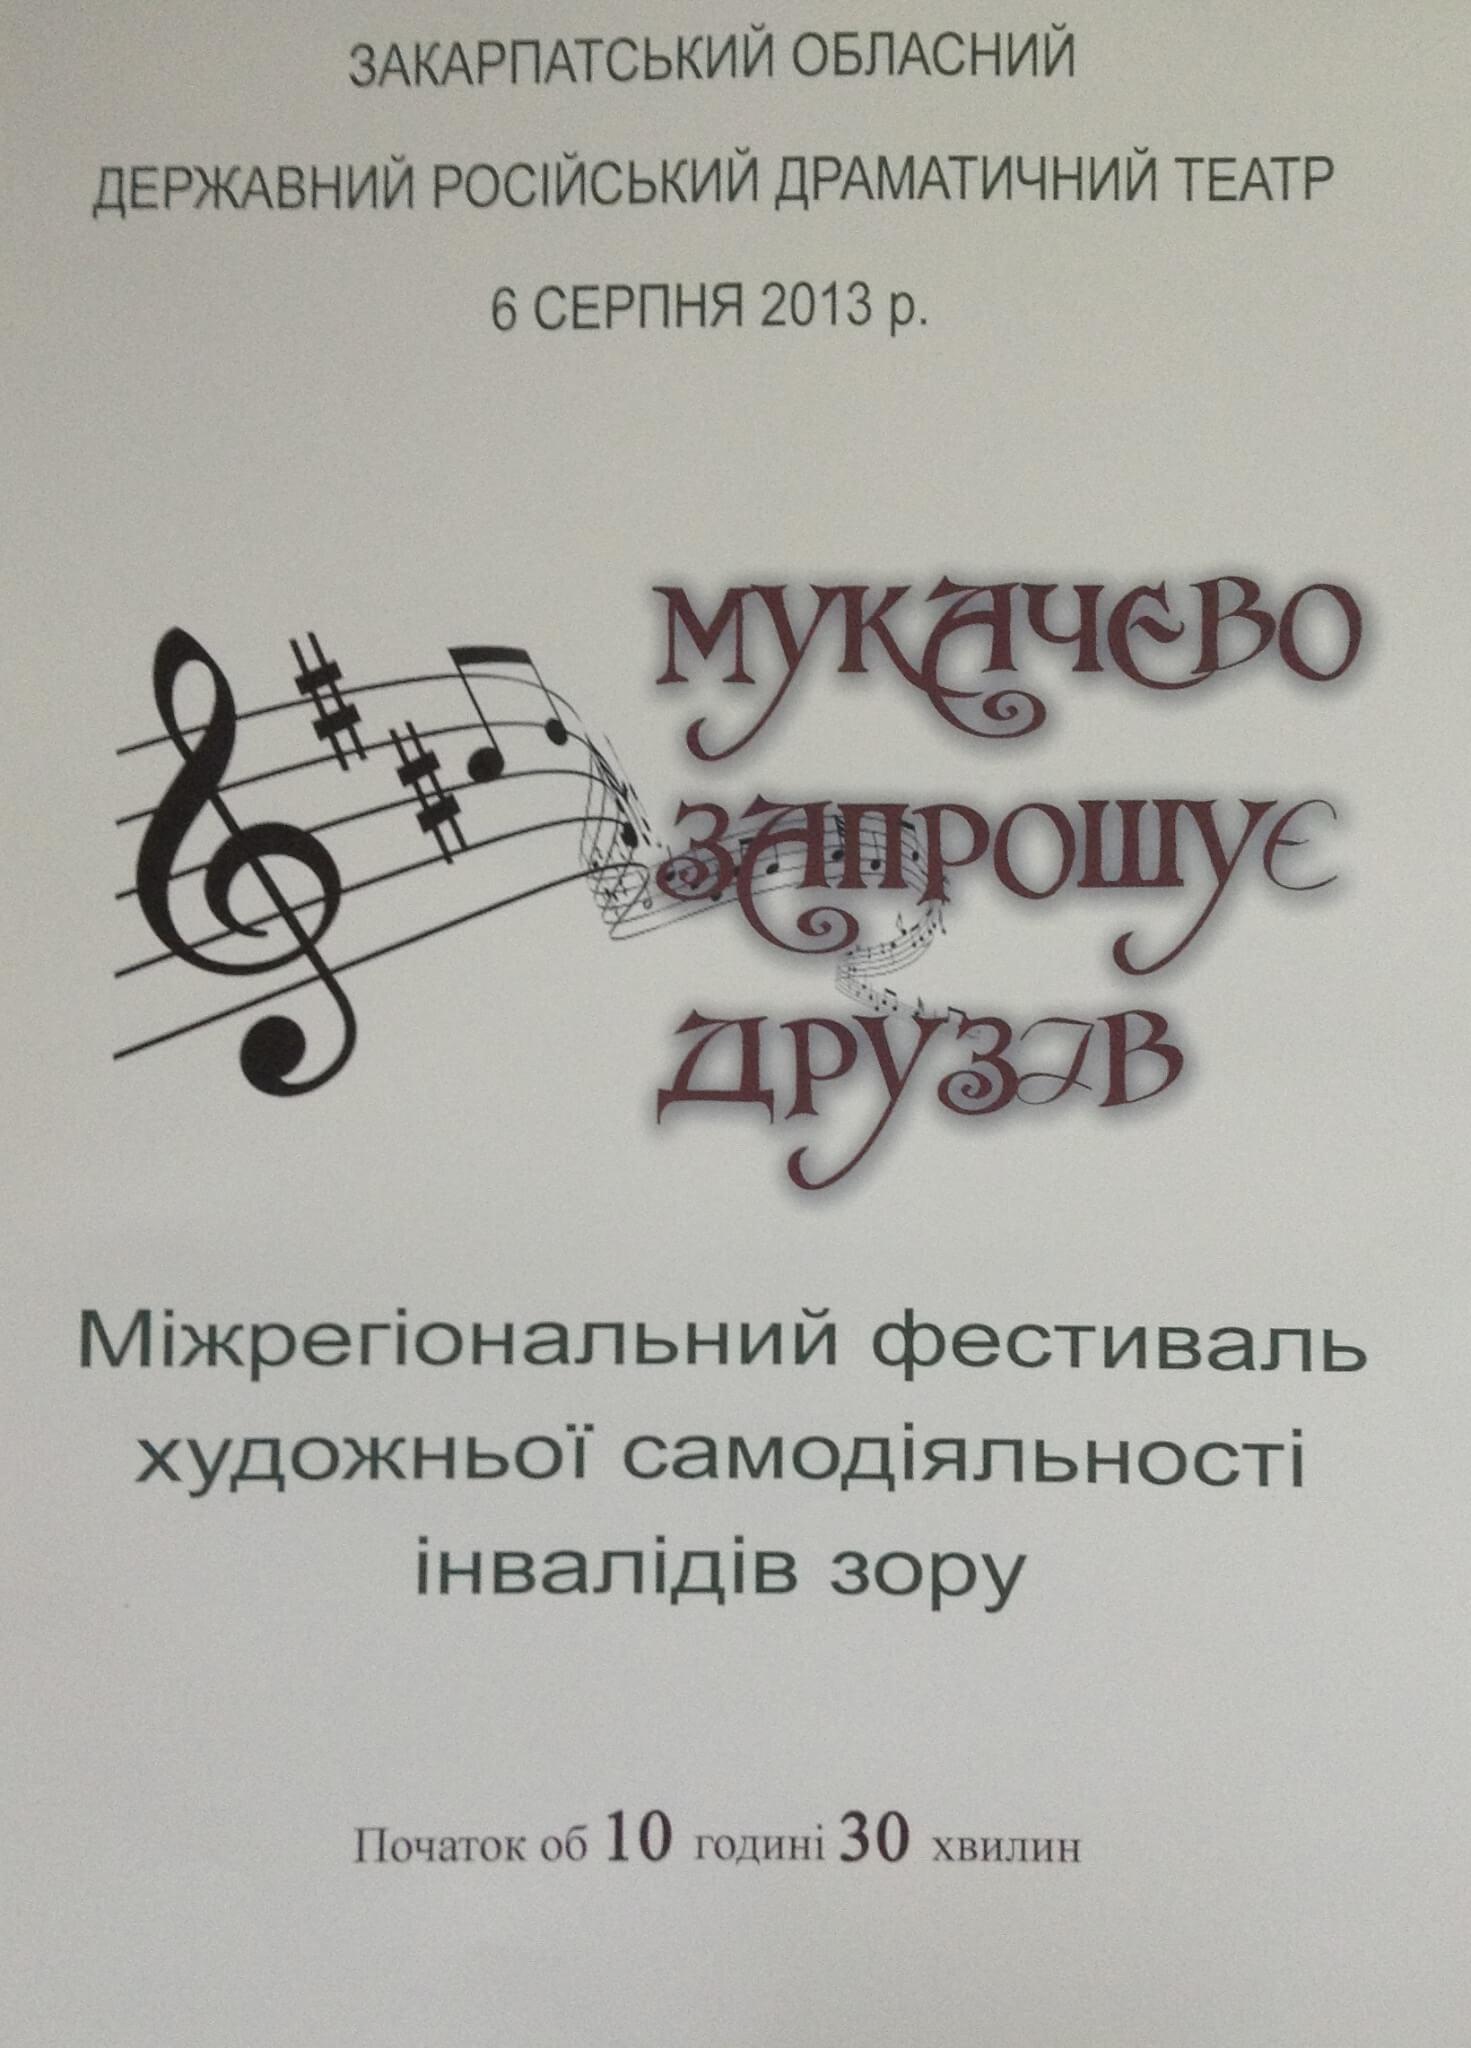 """Фестиваль """"Мукачево запрошує друзів"""" пройде завтра в місті над Латорицею"""